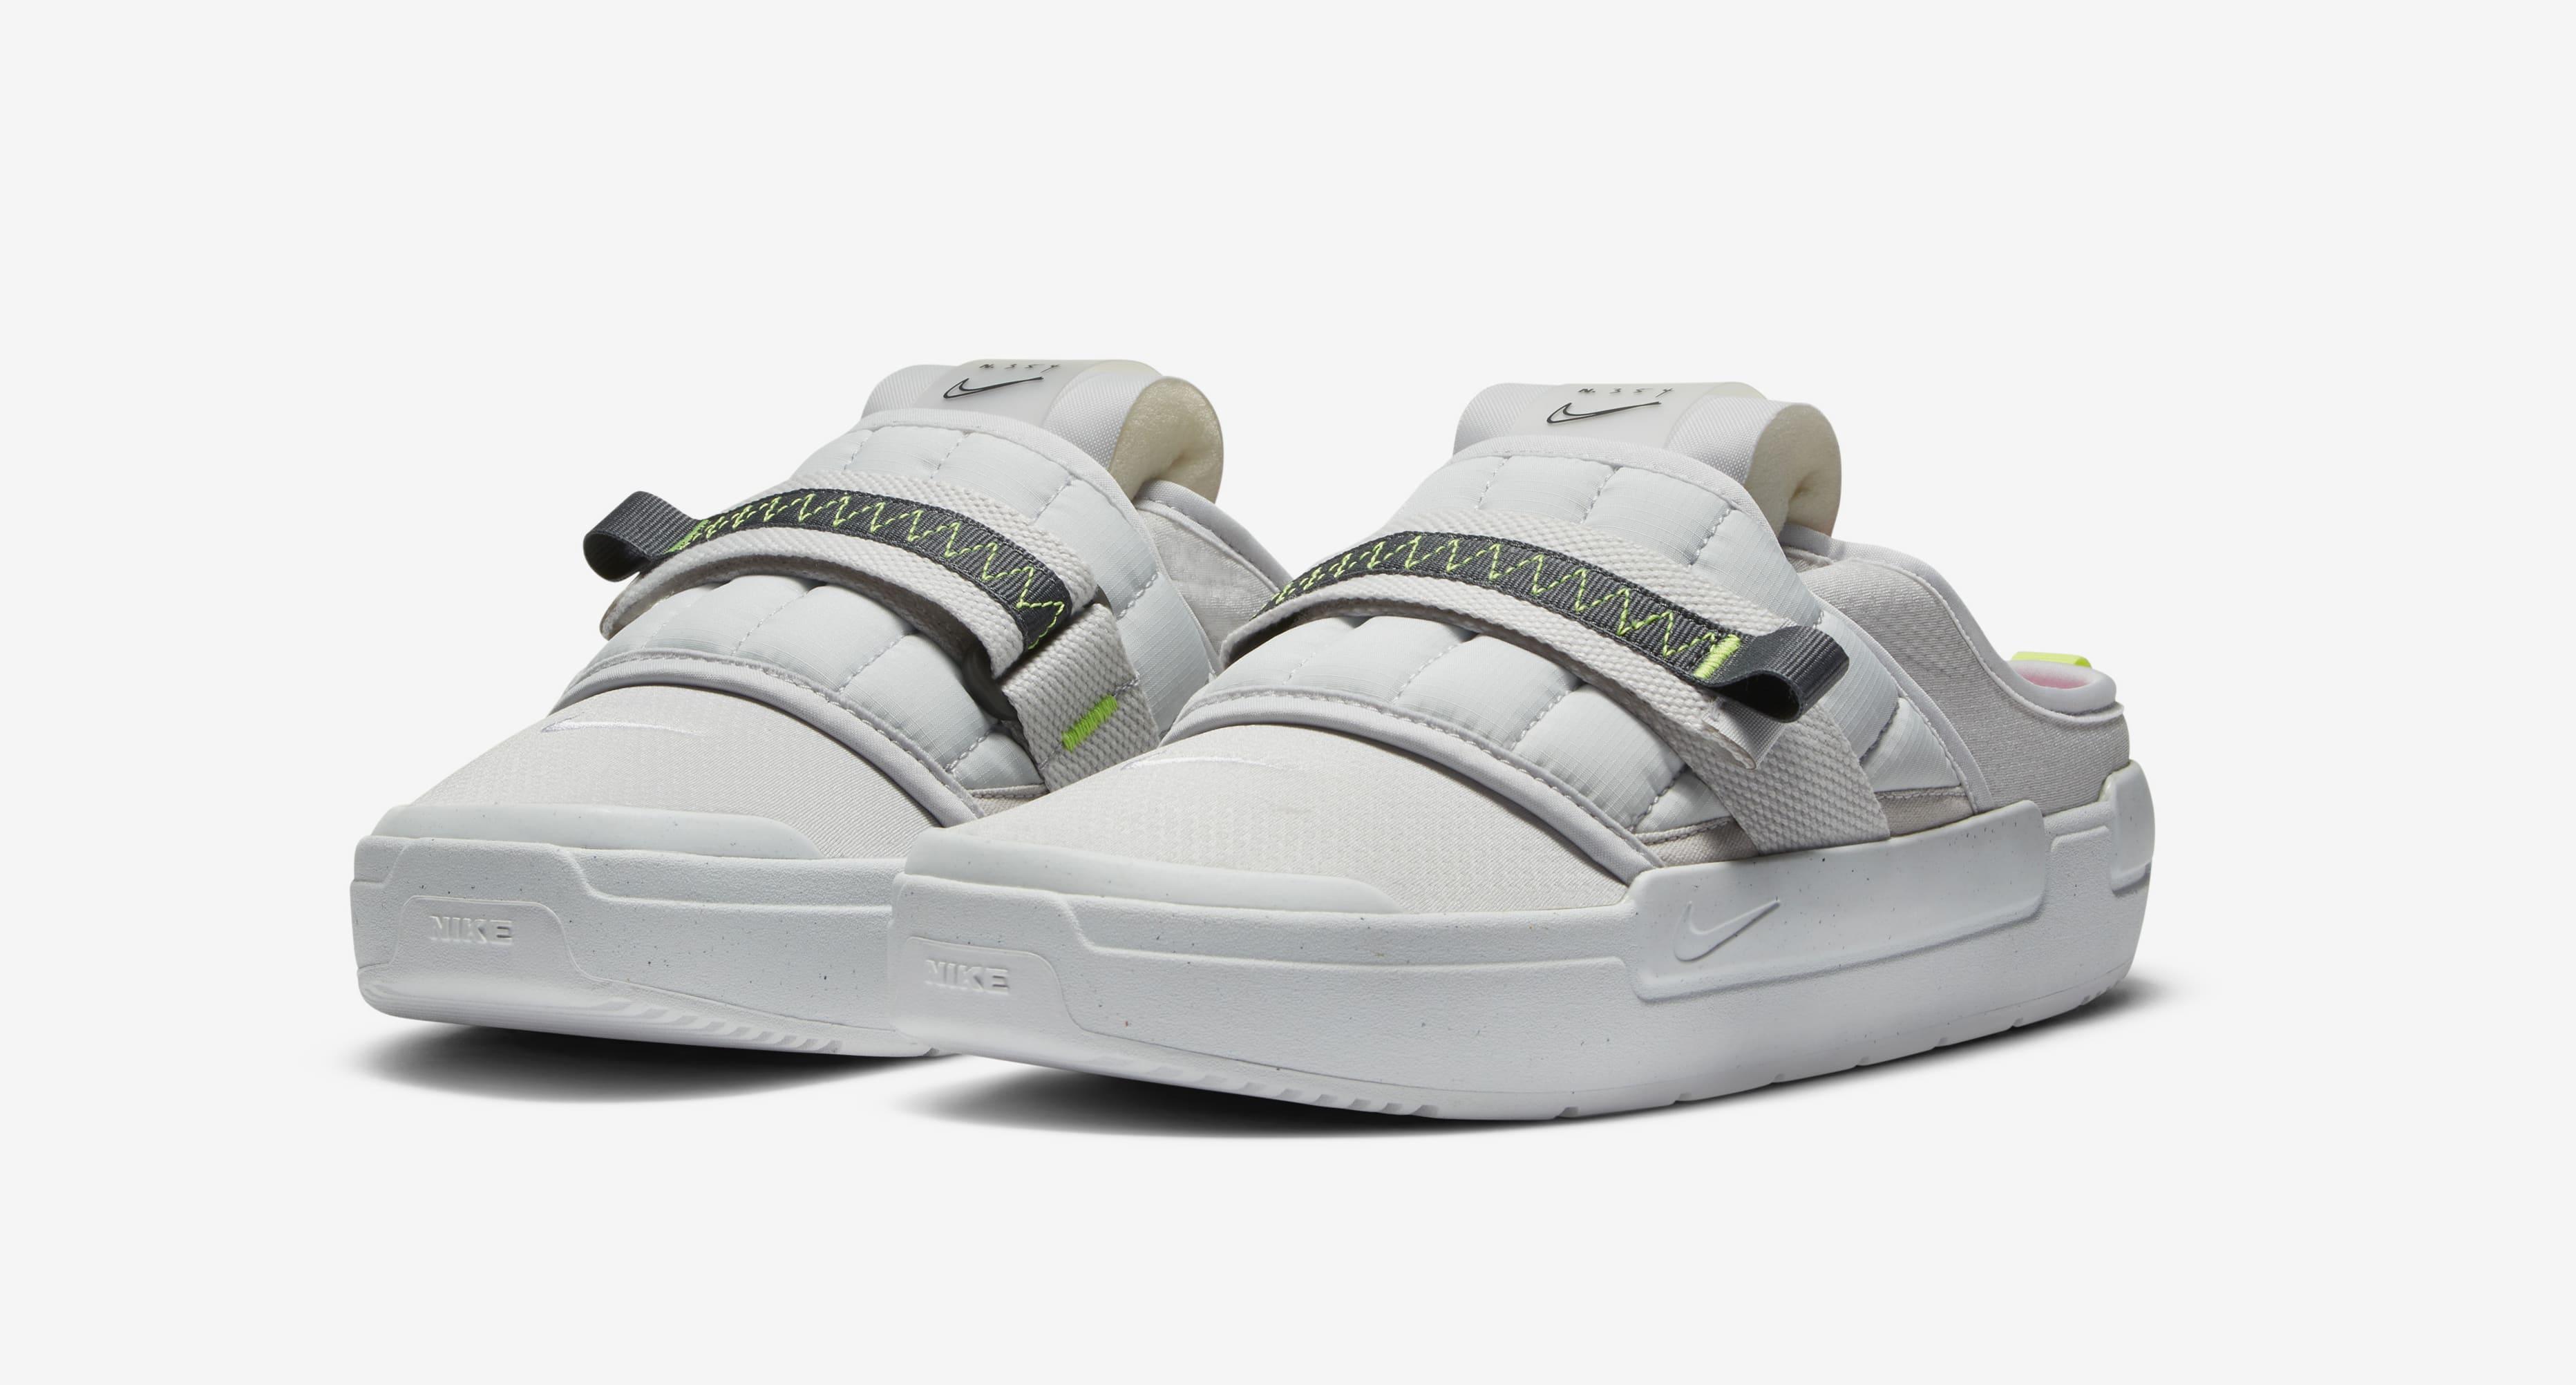 Nike Offline Slide Grey Pair